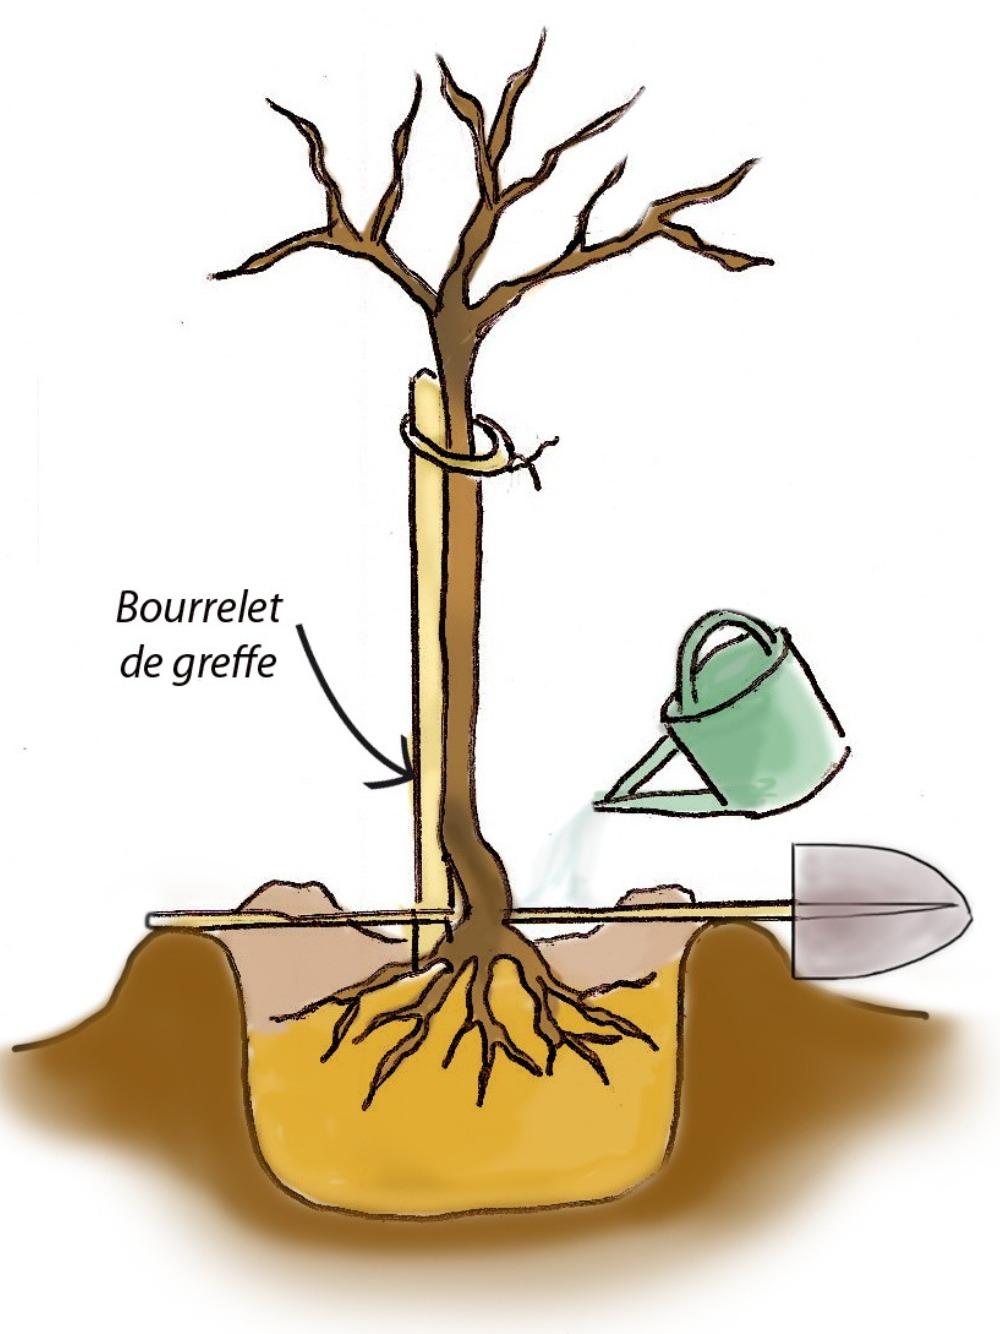 Comment Planter Un Arbre Fruitier comment planter vos arbres fruitiers en racines nues ?